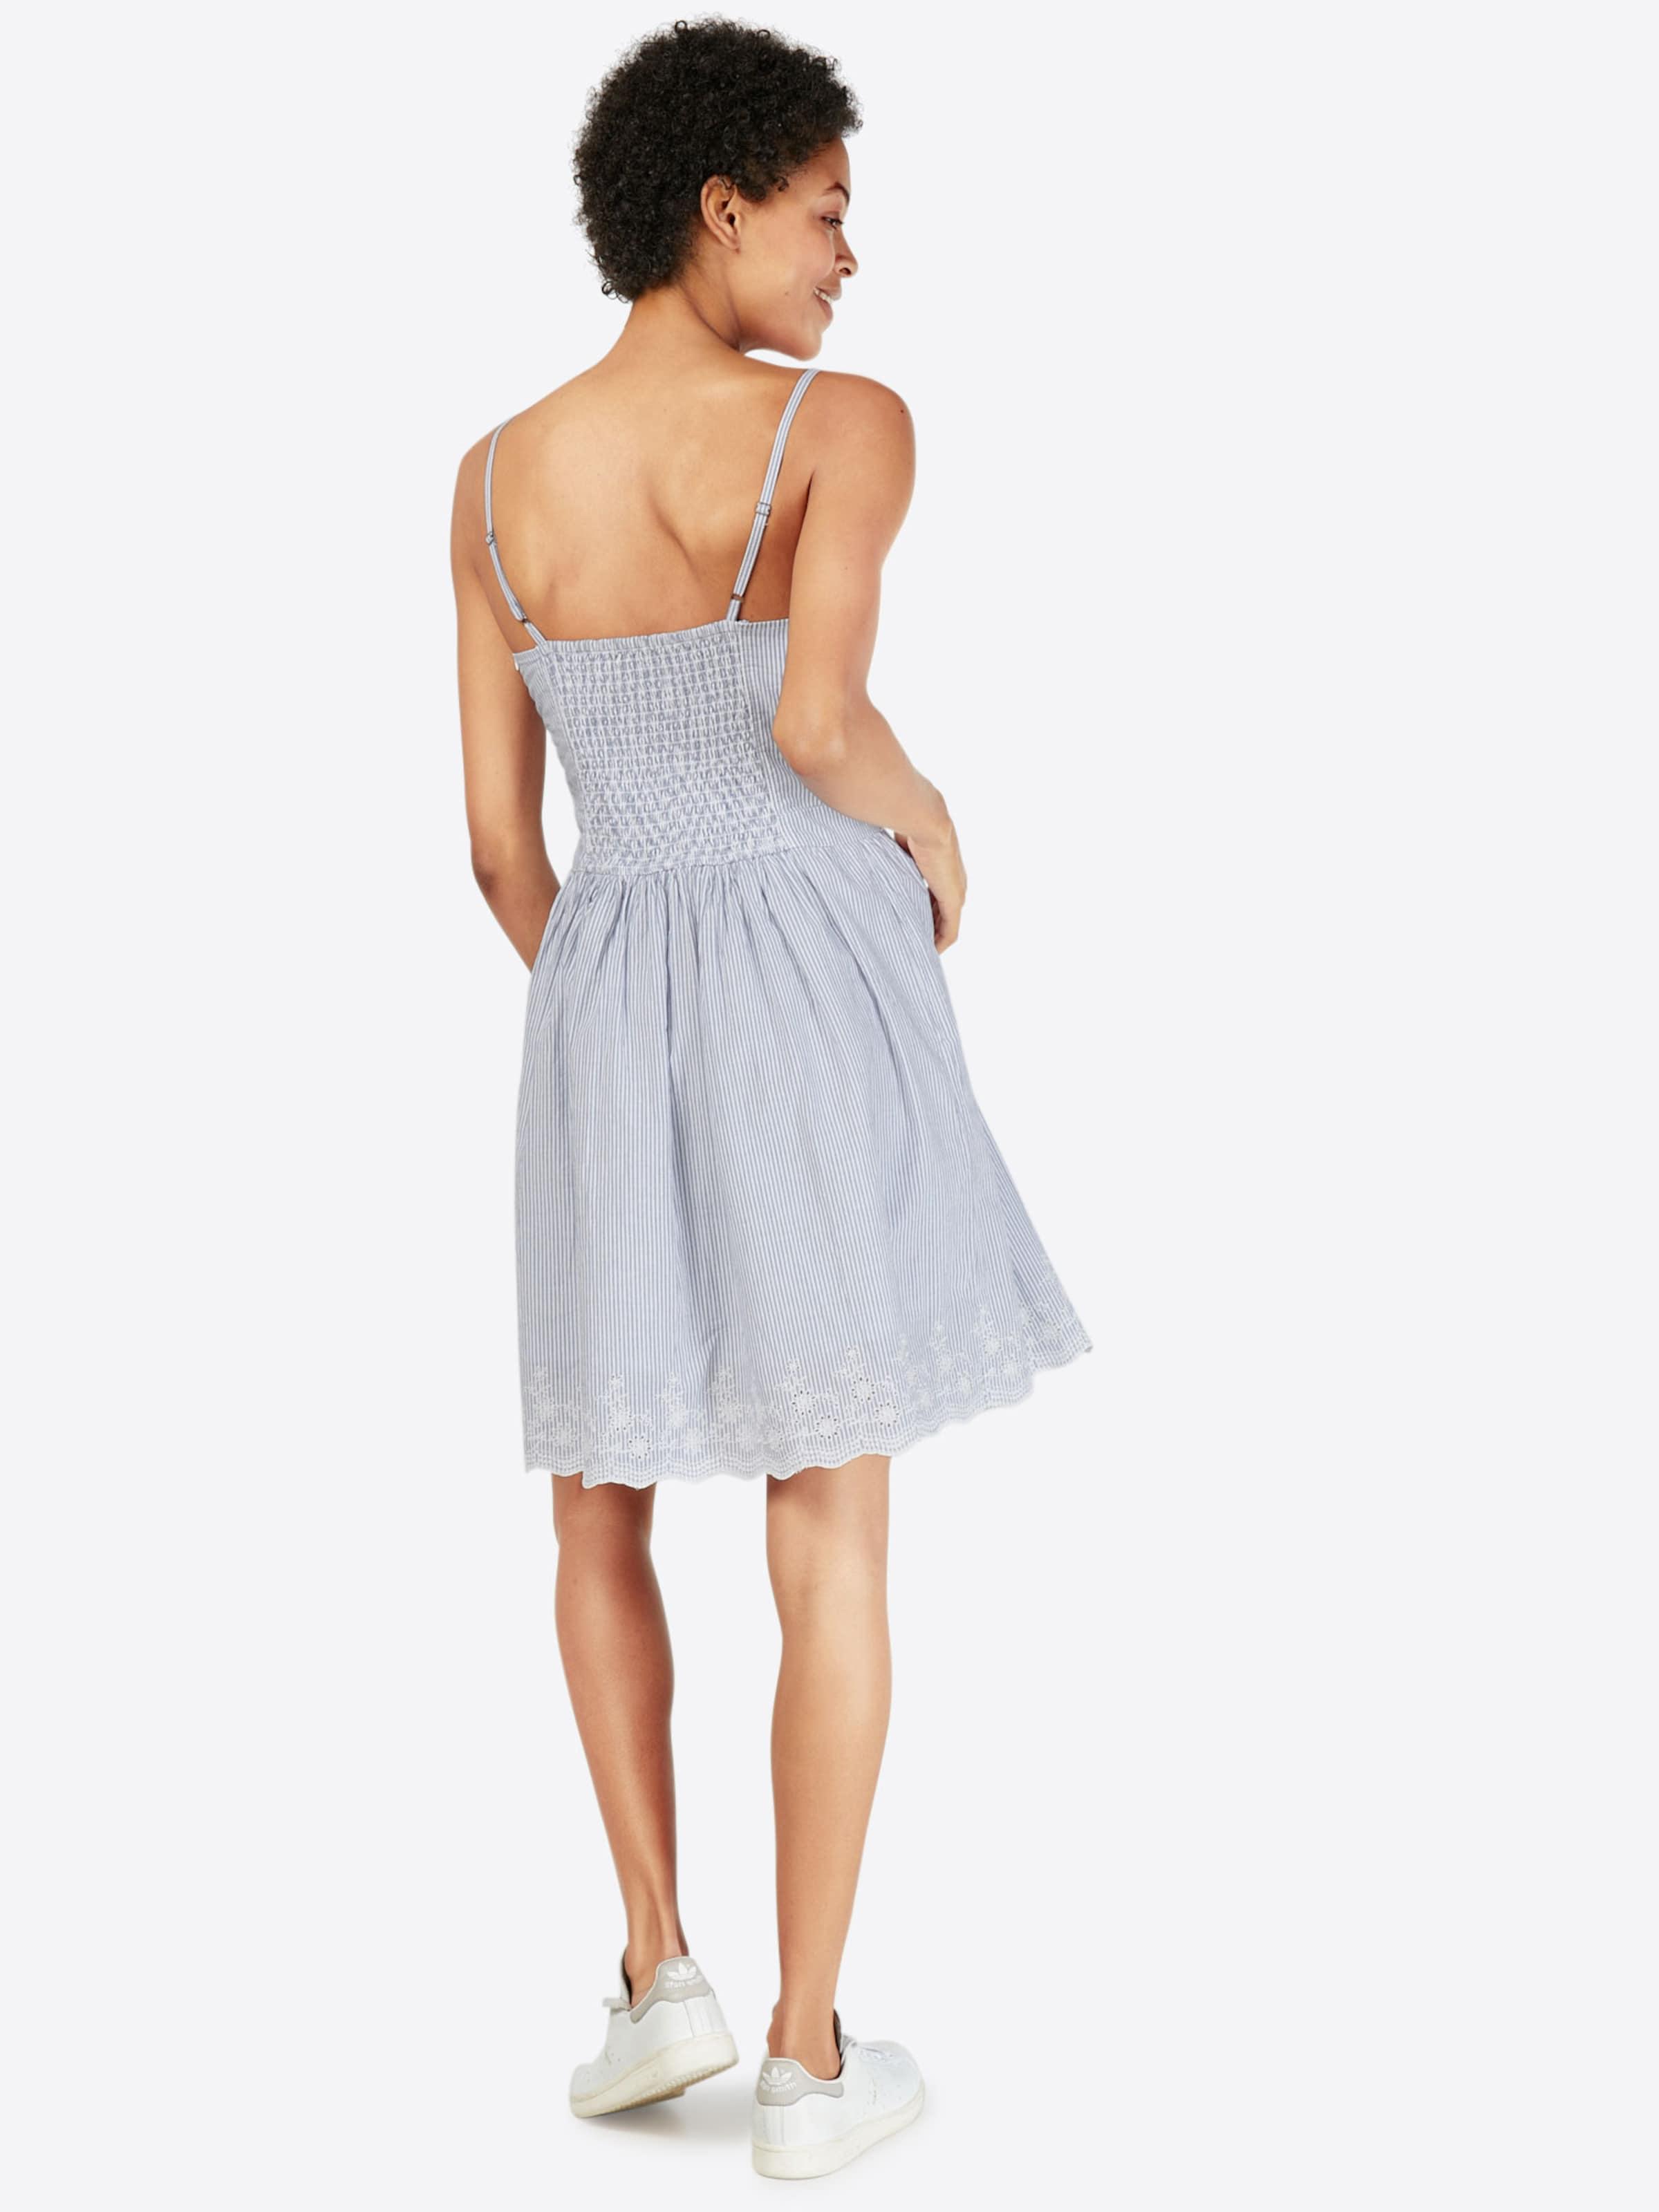 Billig Ausgezeichnet Superdry Kleid 'ALICE' Aus Deutschland Zum Verkauf UyOfeH2t5